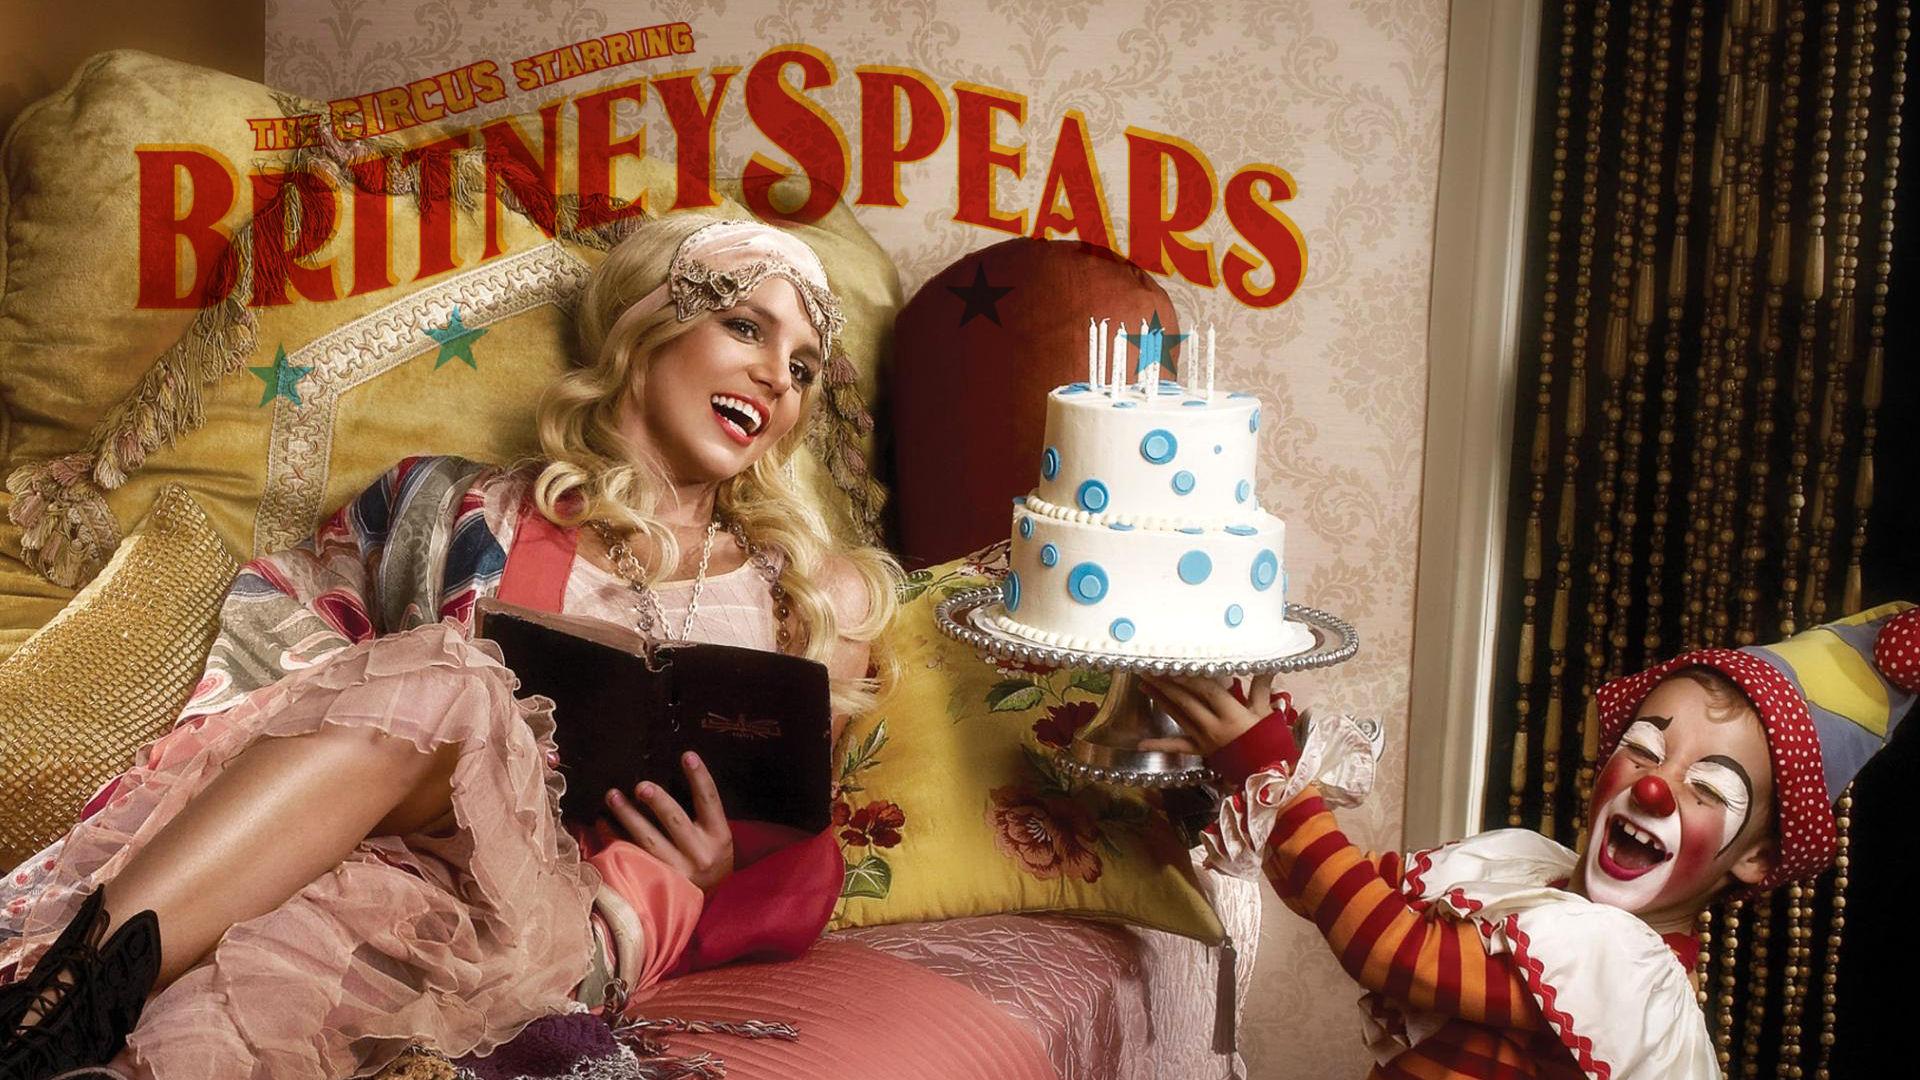 Britney Spears comeback in 2008 'Circus' is tien jaar oud